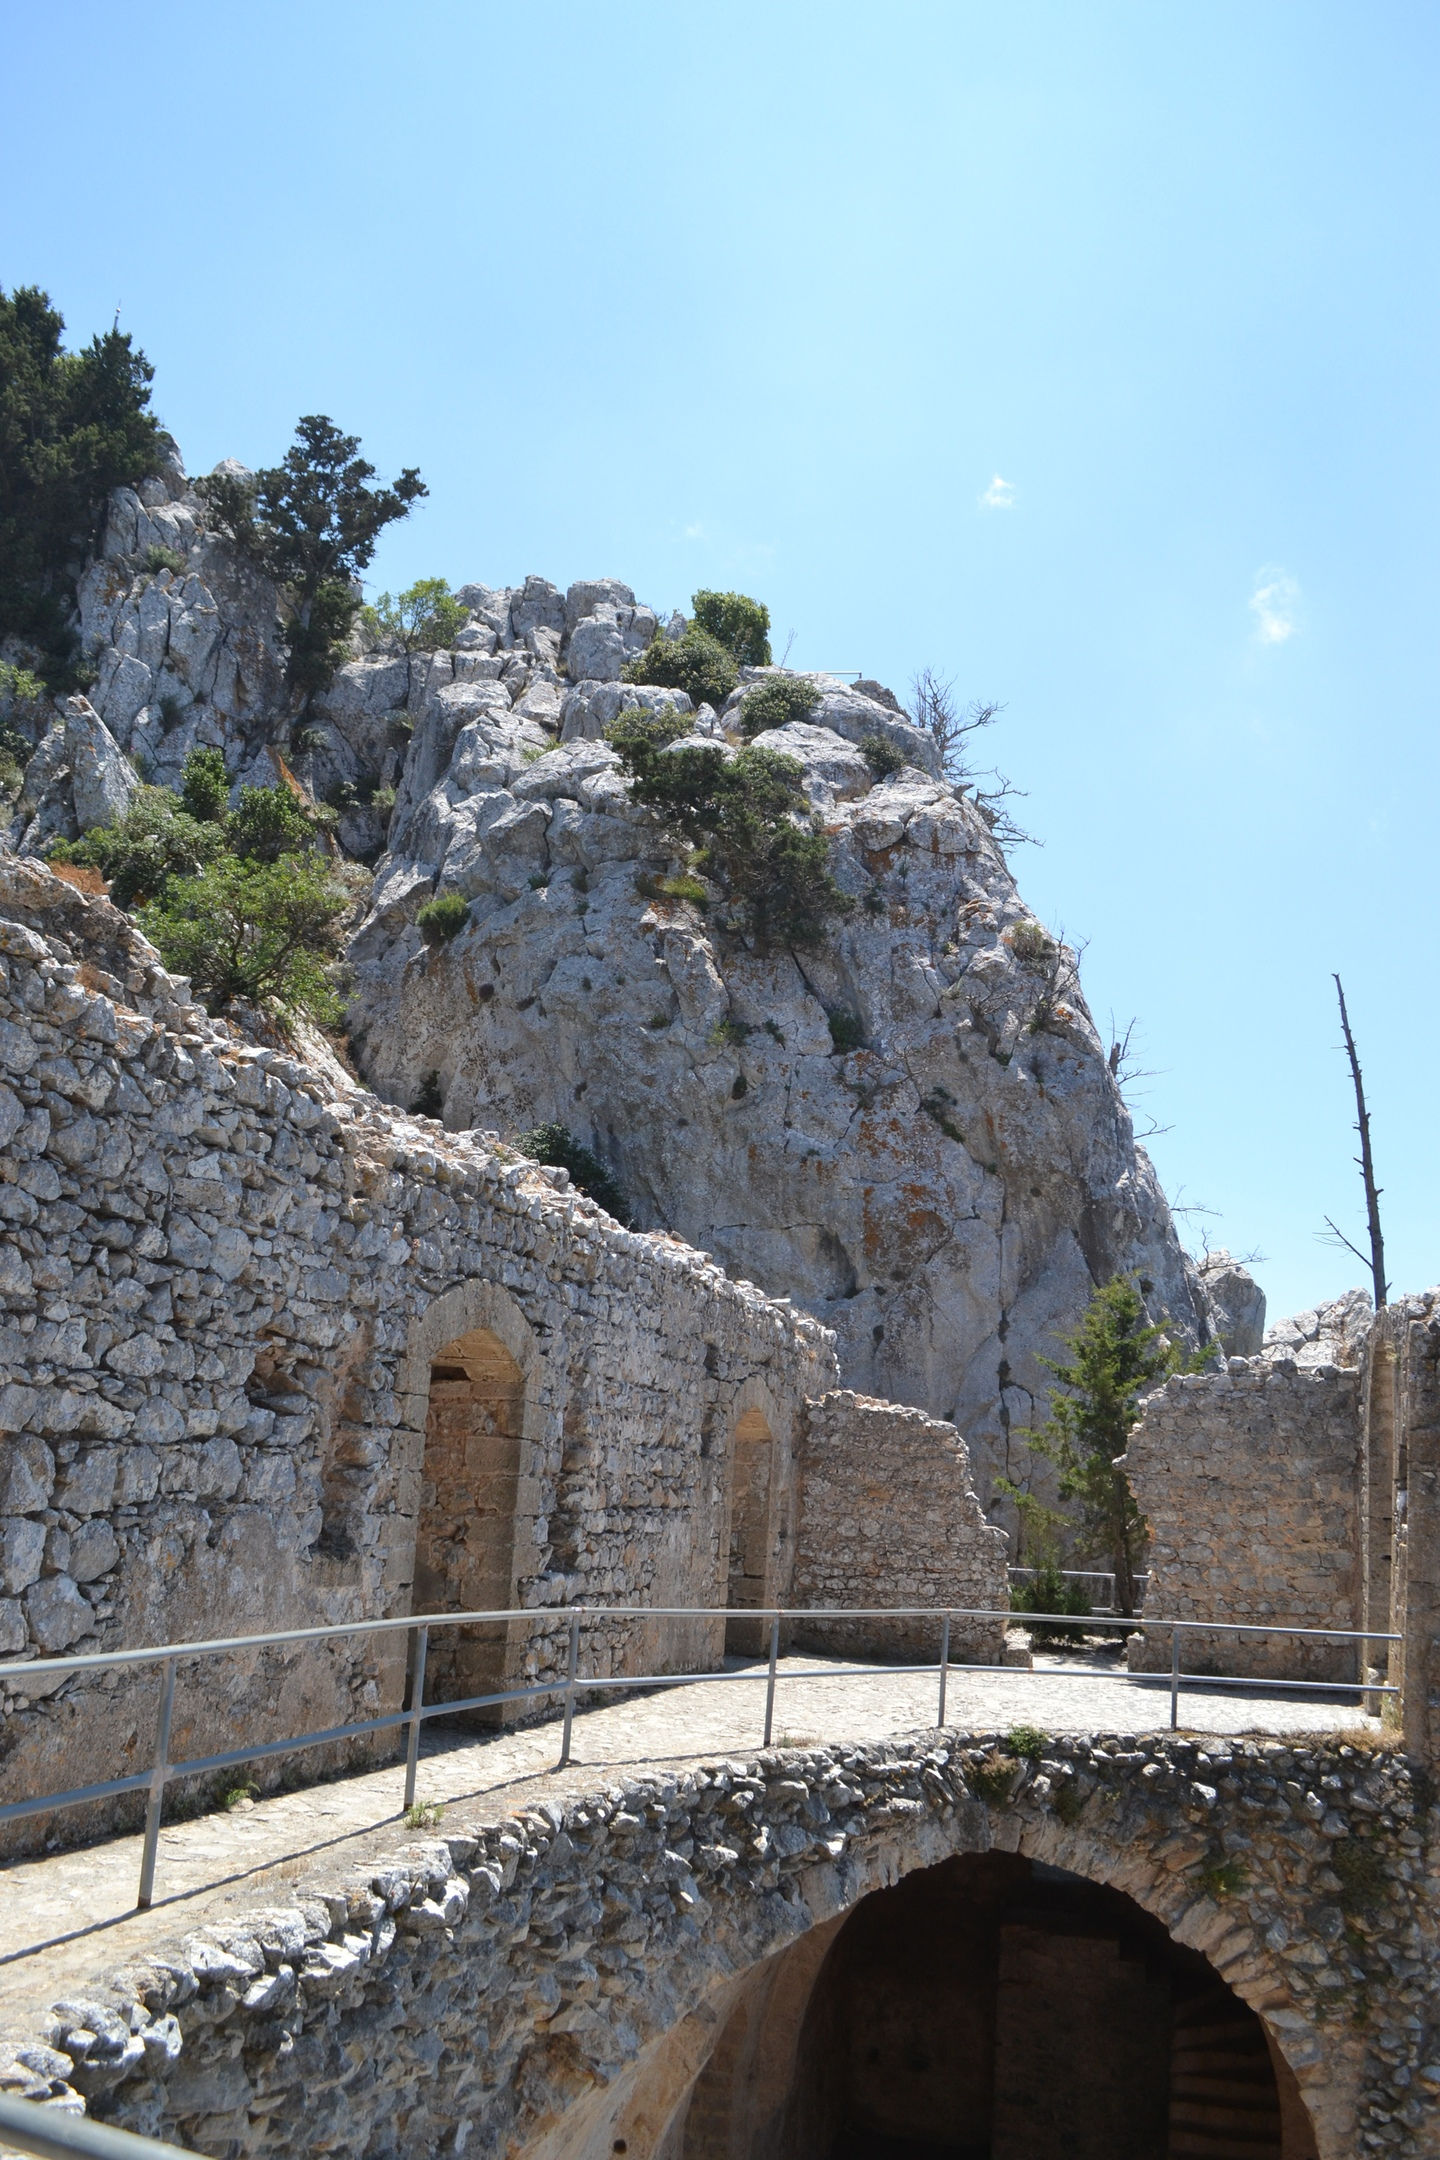 Северный Кипр. Замок Святого Иллариона. (фото). - Страница 3 MeUBi8HLKsQ